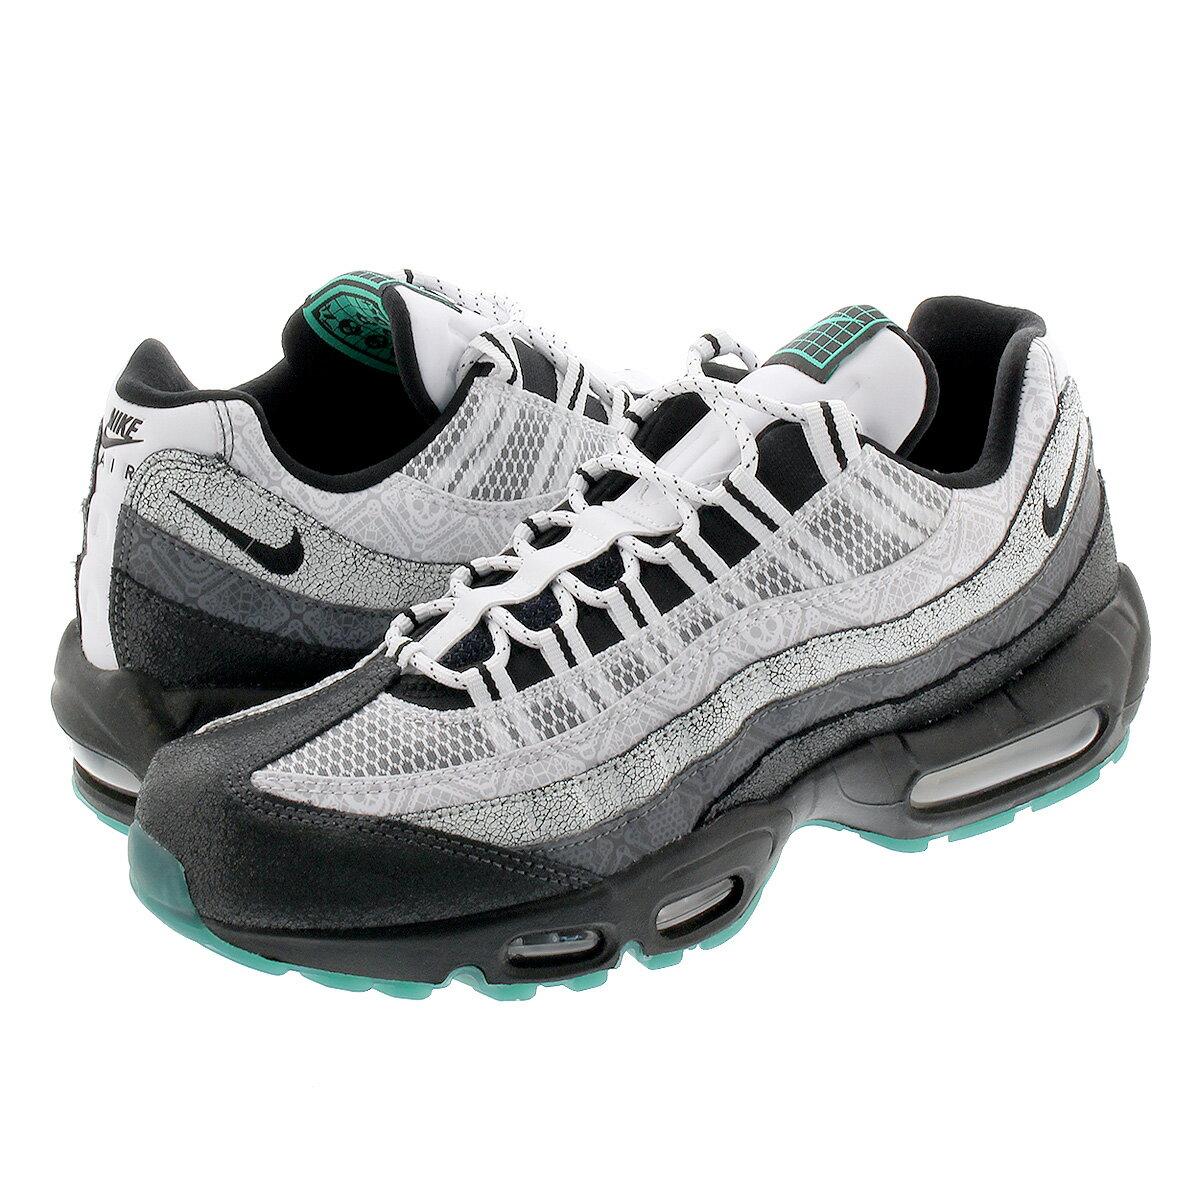 メンズ靴, スニーカー NIKE AIR MAX 95 SE DAY OF THE DEAD 95 SE ANTHRACITEBLACKCOOL GREYWHITE ct1139-001